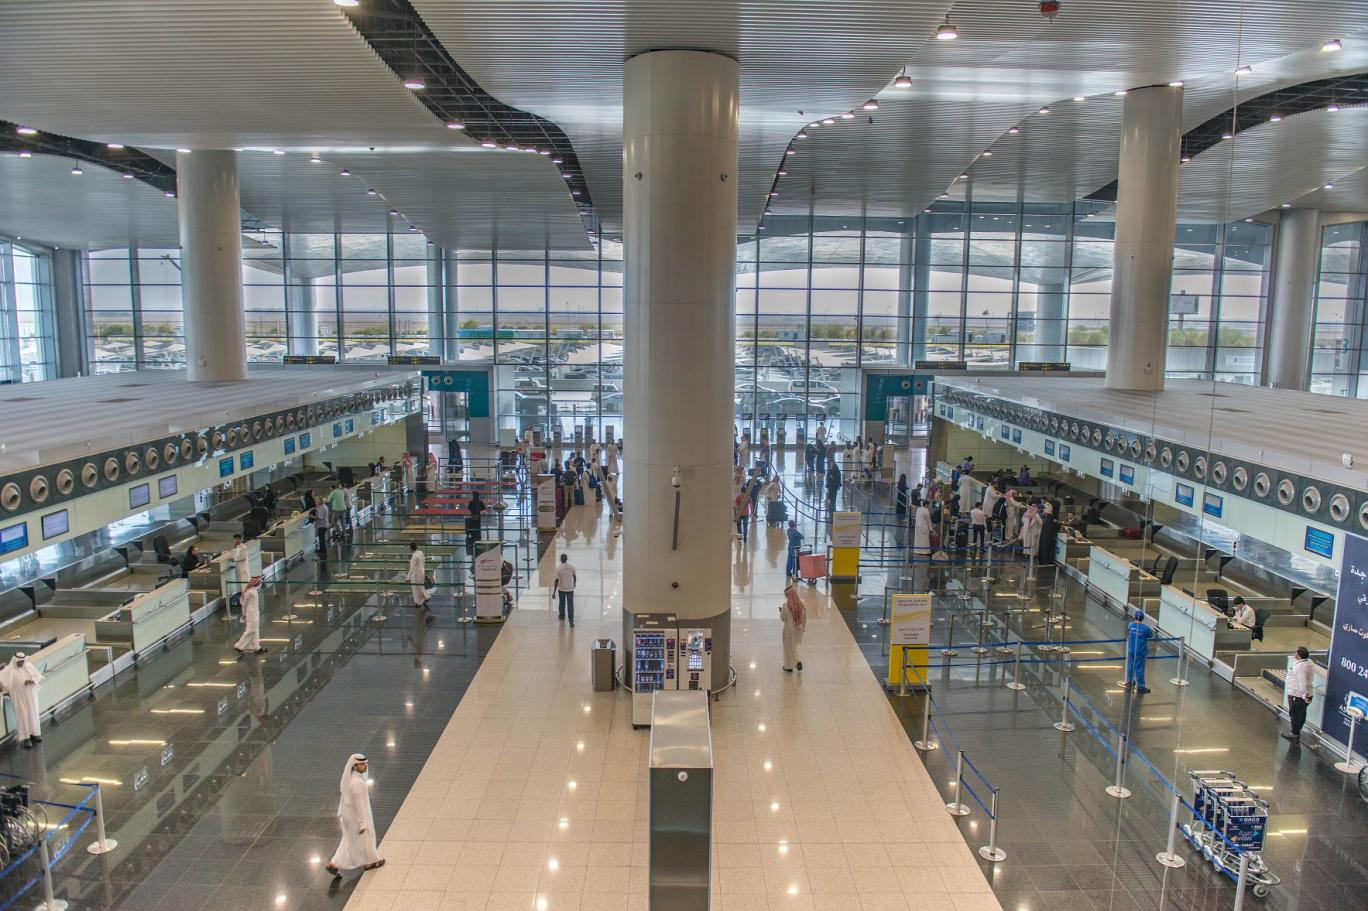 أهم الأرقام في مطار الملك خالد الدولي